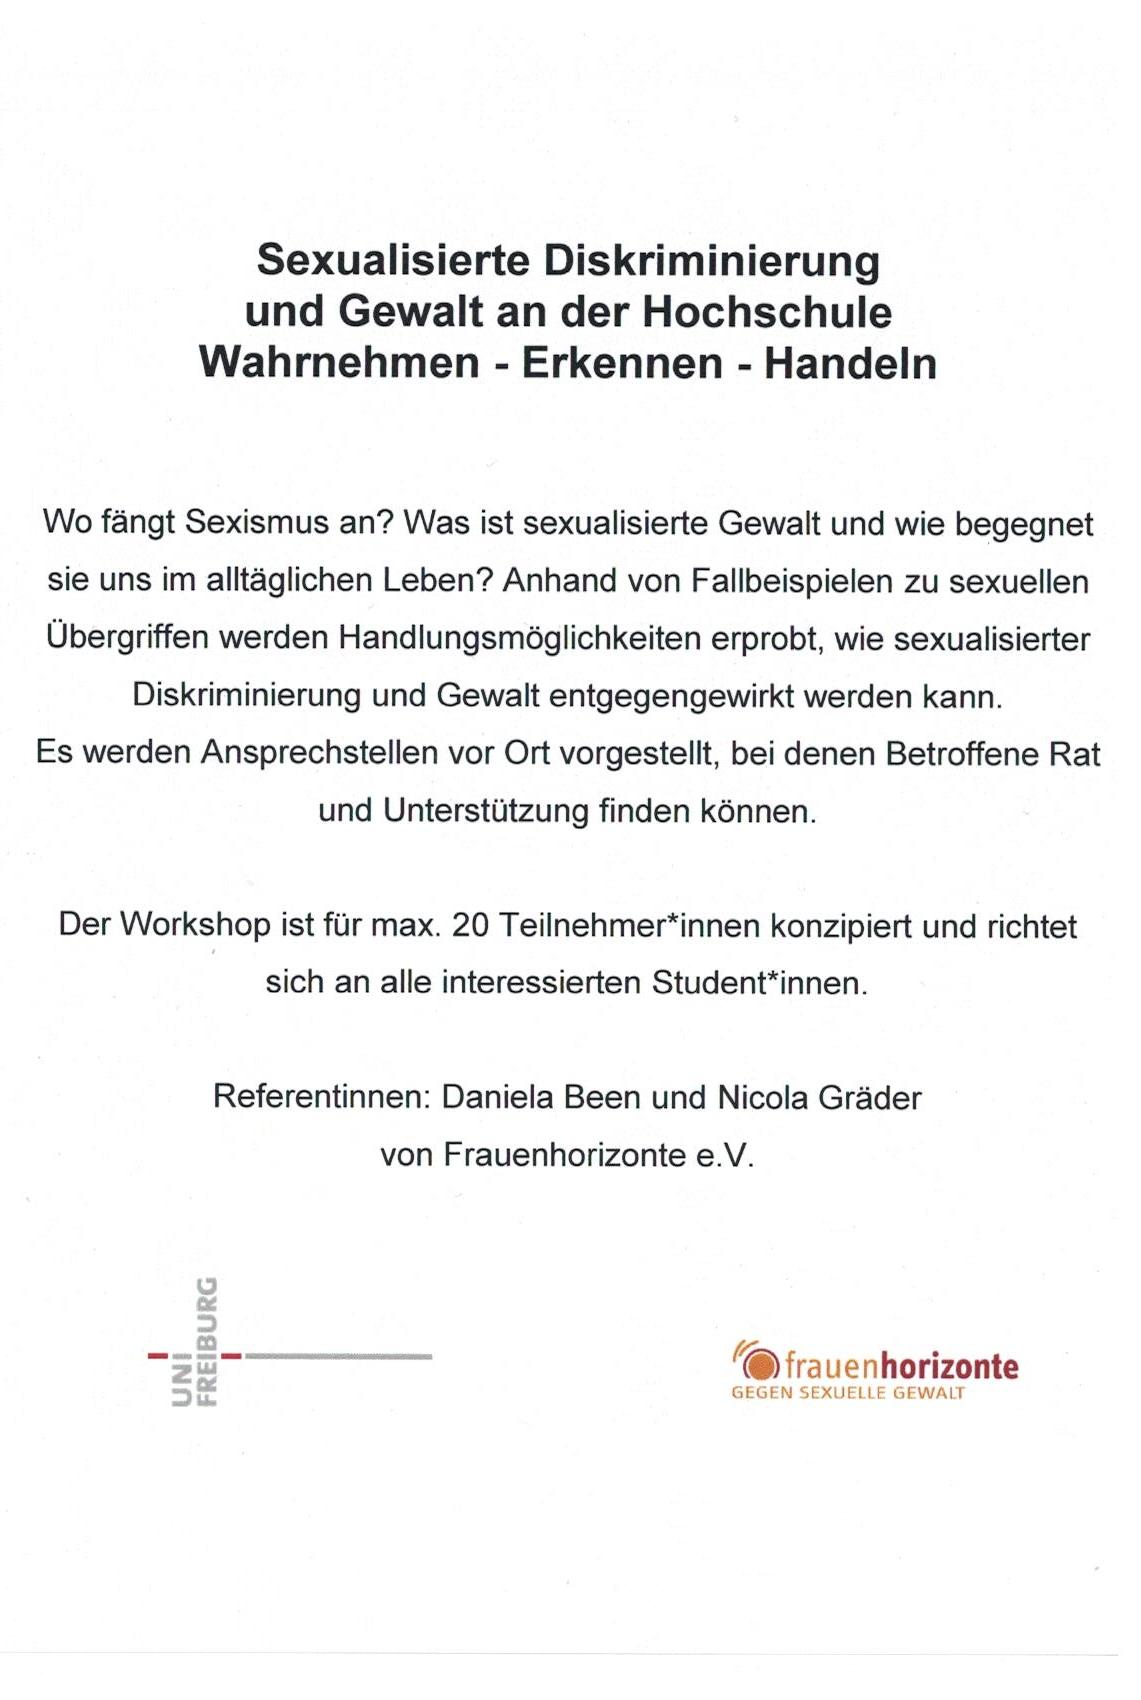 Flyer Sexualisierte Gewalt an der Hochschule 2 001.jpg